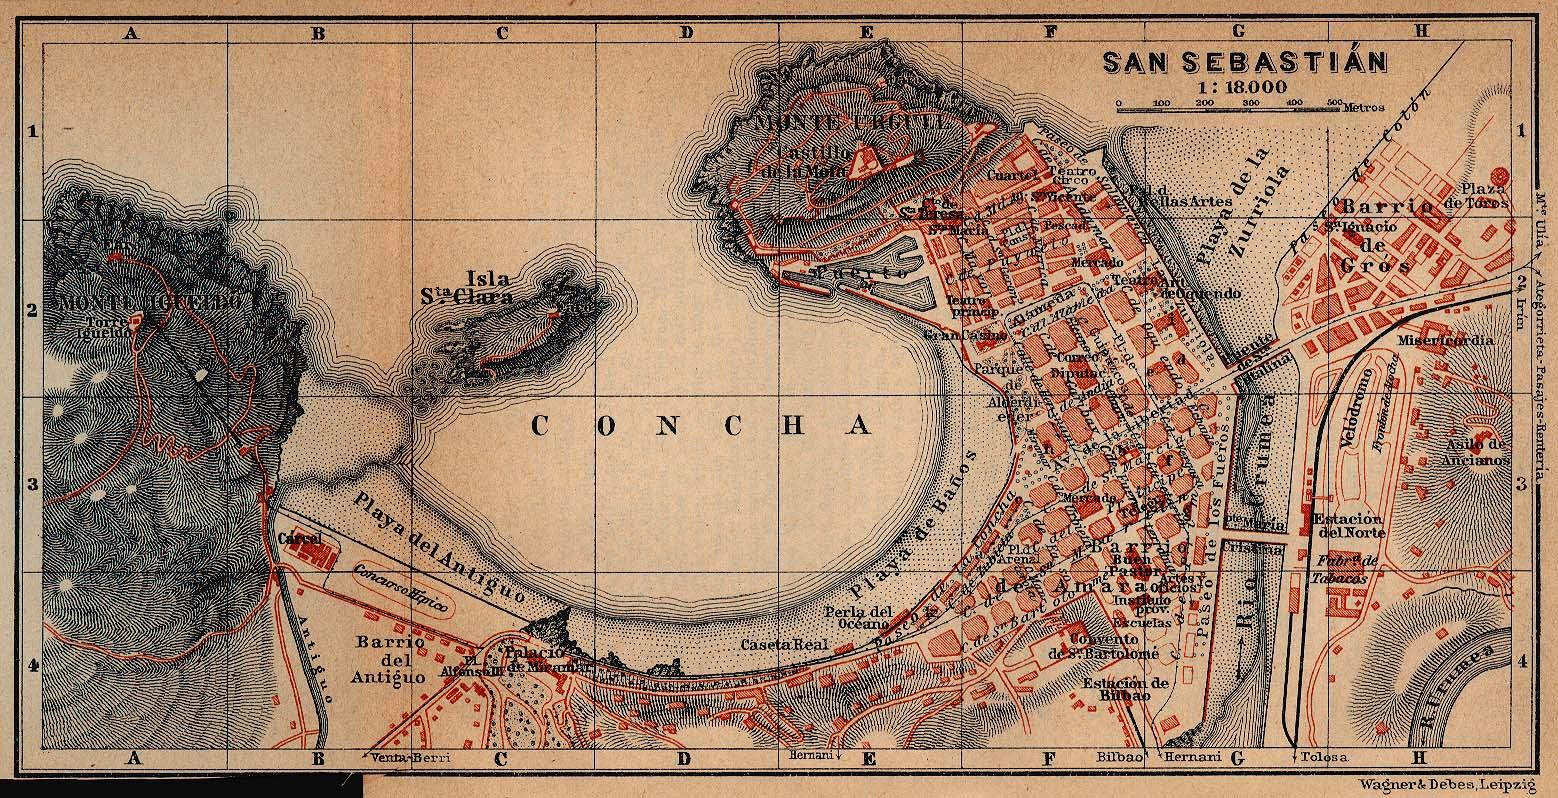 Mapa de San Sebastián, España 1914